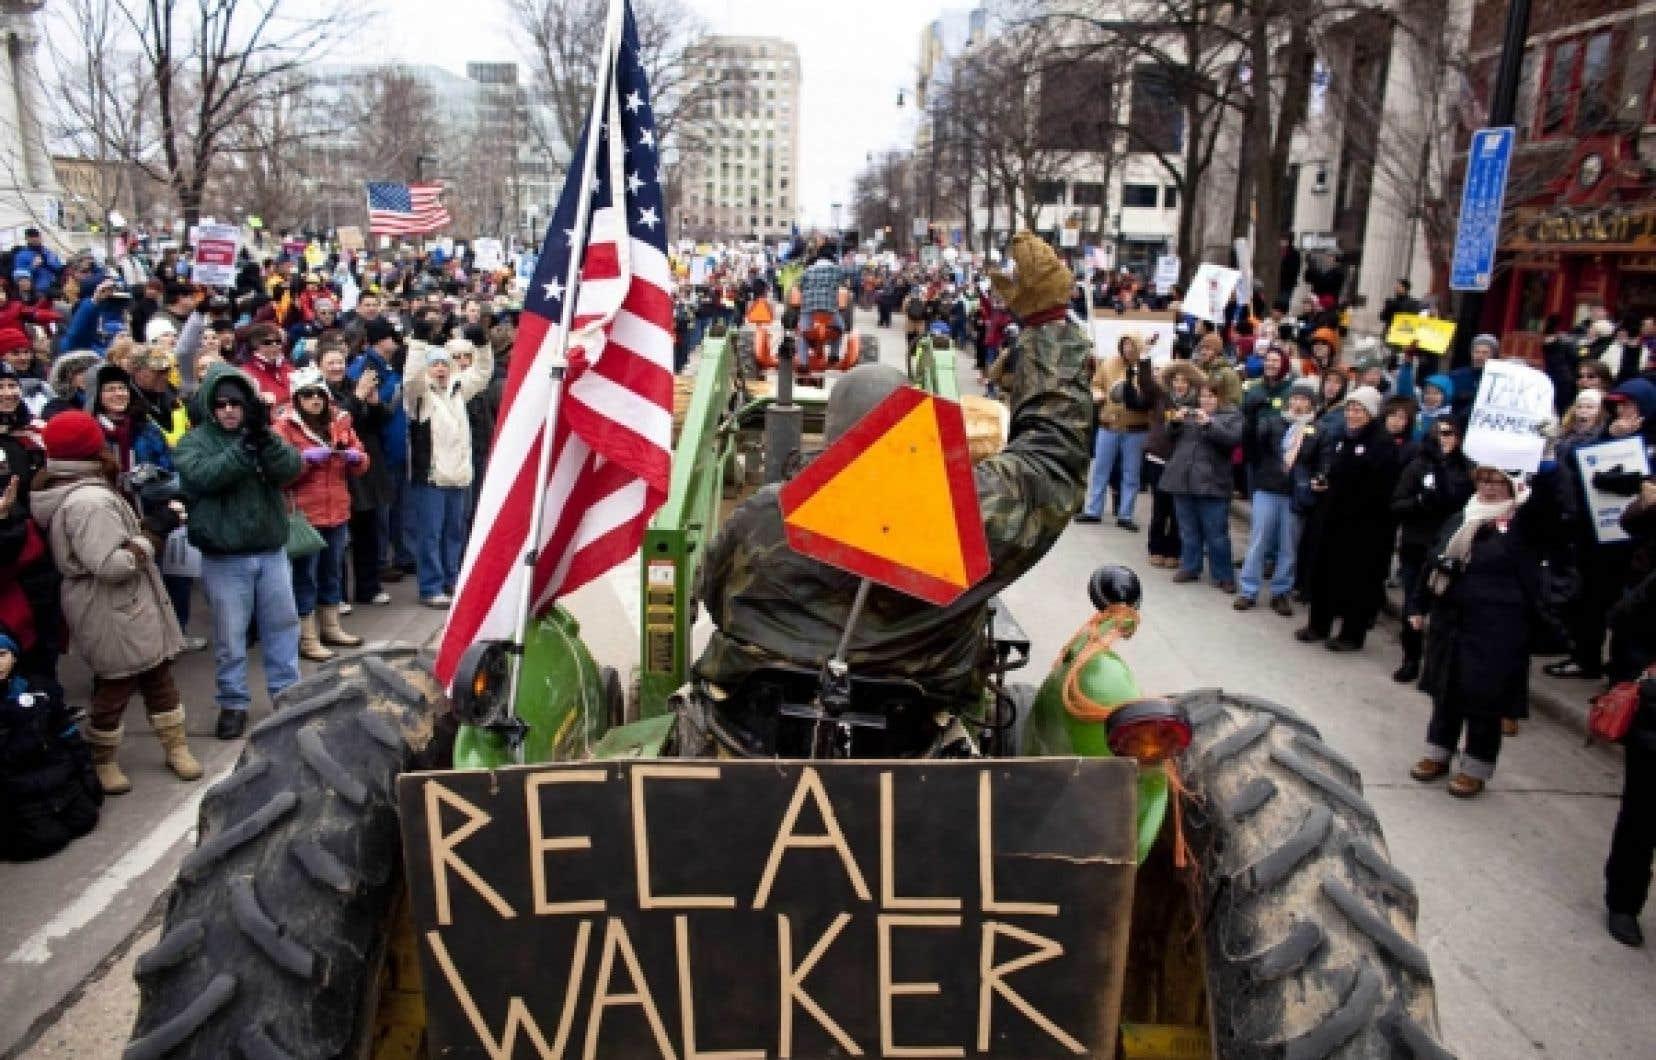 Des dizaines de fermiers mont&eacute;s sur leurs tracteurs se sont joints aux manifestants qui se dirigeaient vers le parlement du Wisconsin, samedi. <br />